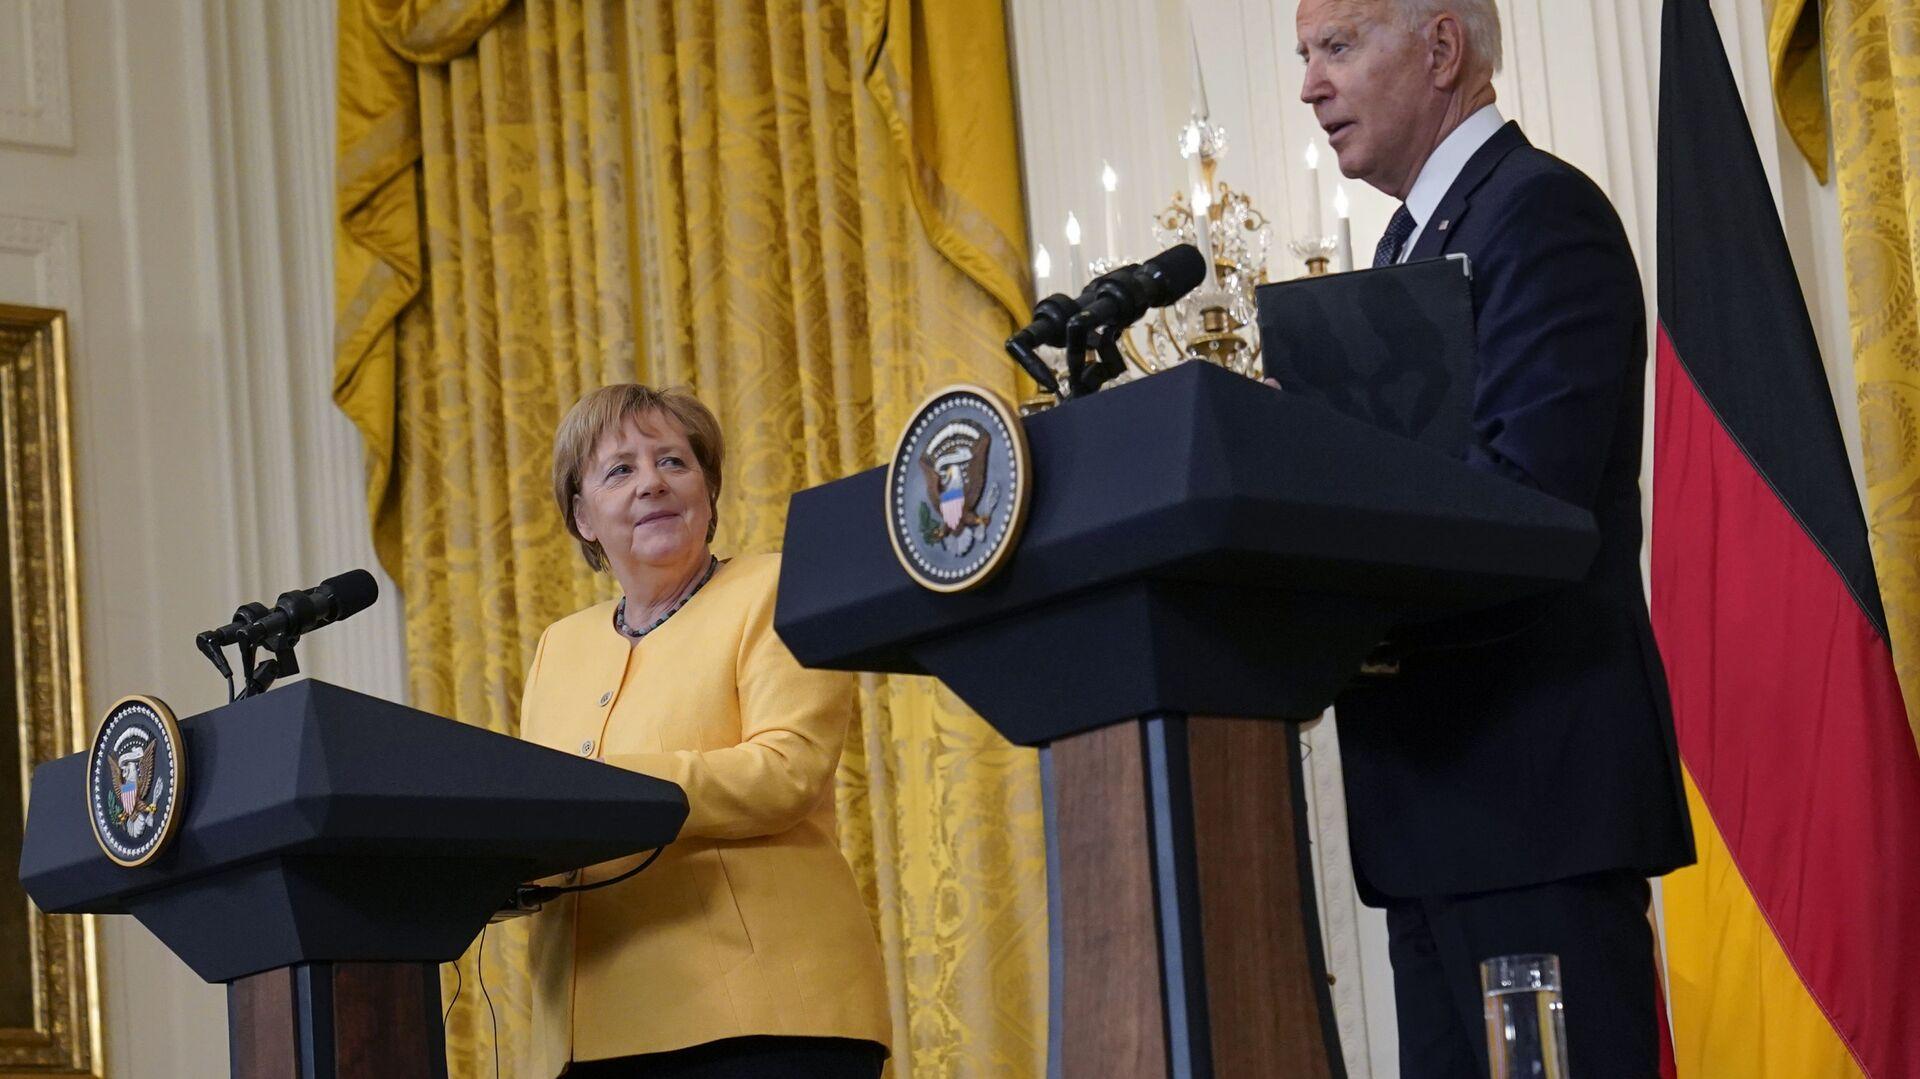 Prezydent USA Joe Biden i kanclerz Niemiec Angela Merkel na wspólnej konferencji prasowej w Waszyngtonie. - Sputnik Polska, 1920, 17.07.2021